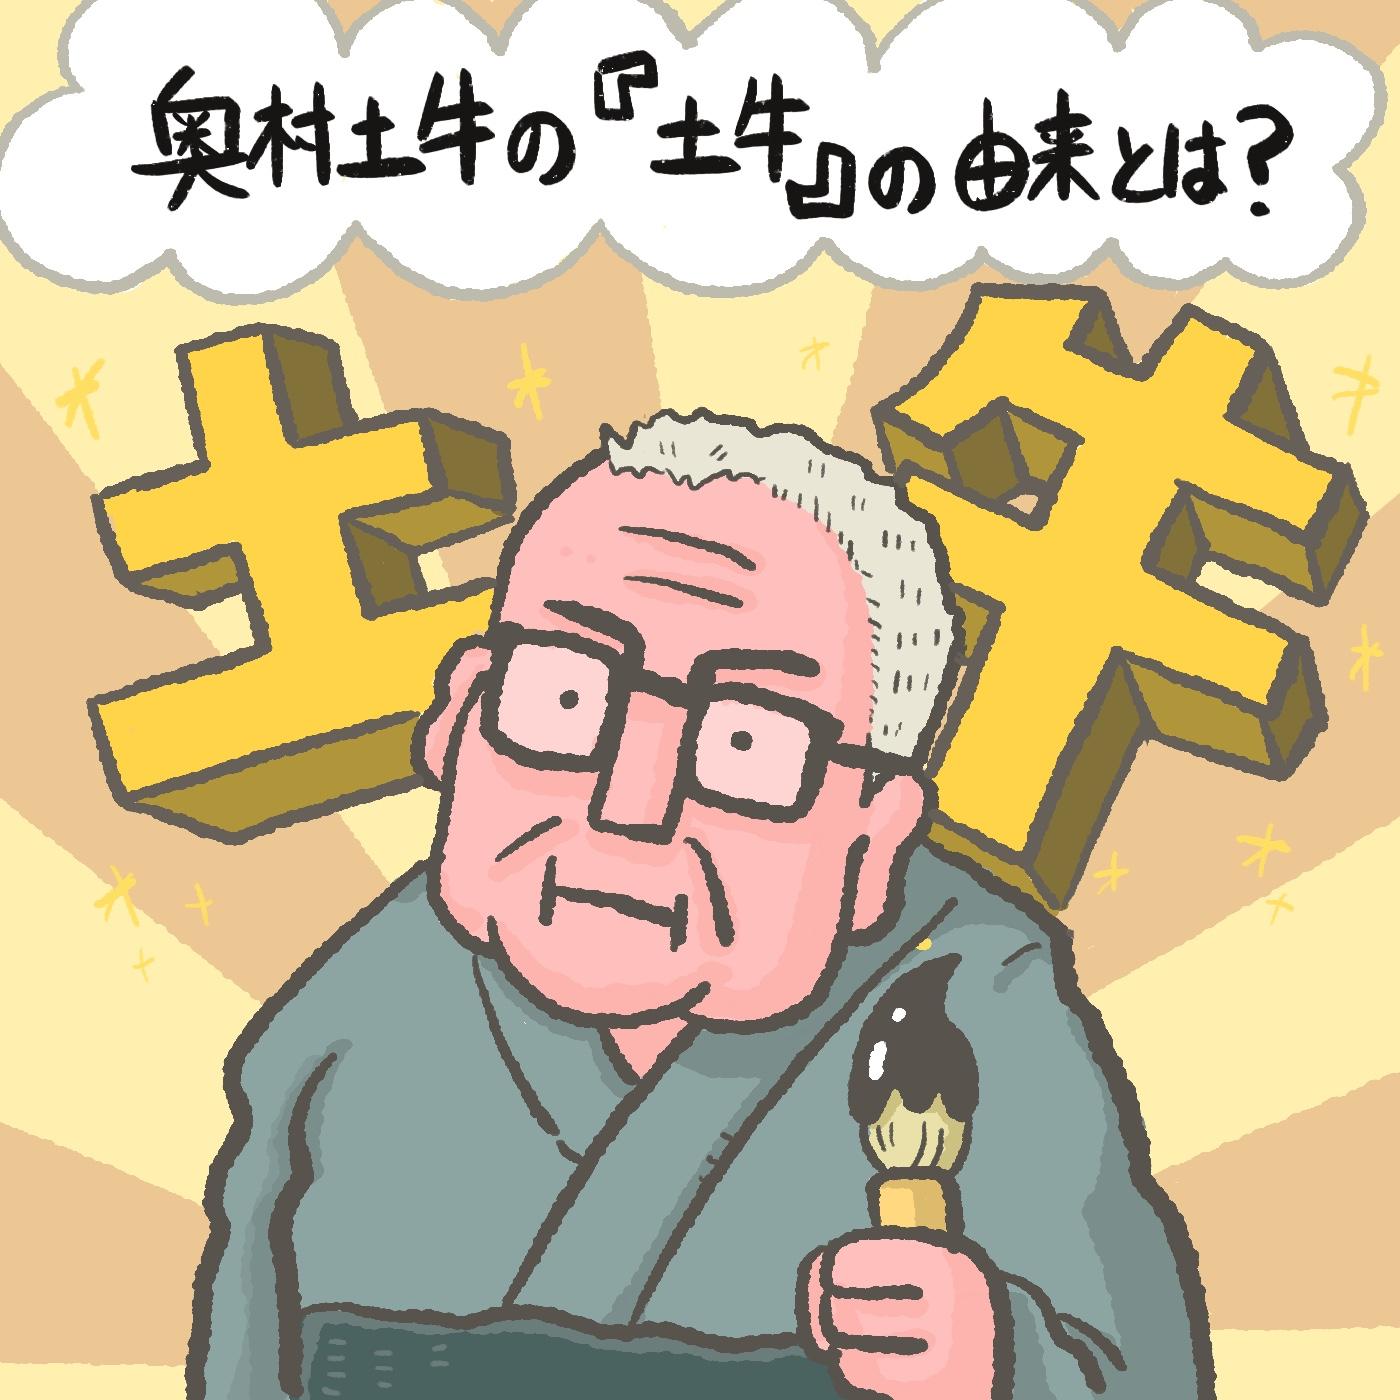 OBIKAKE ナニソレ 奥村土牛 日本画家